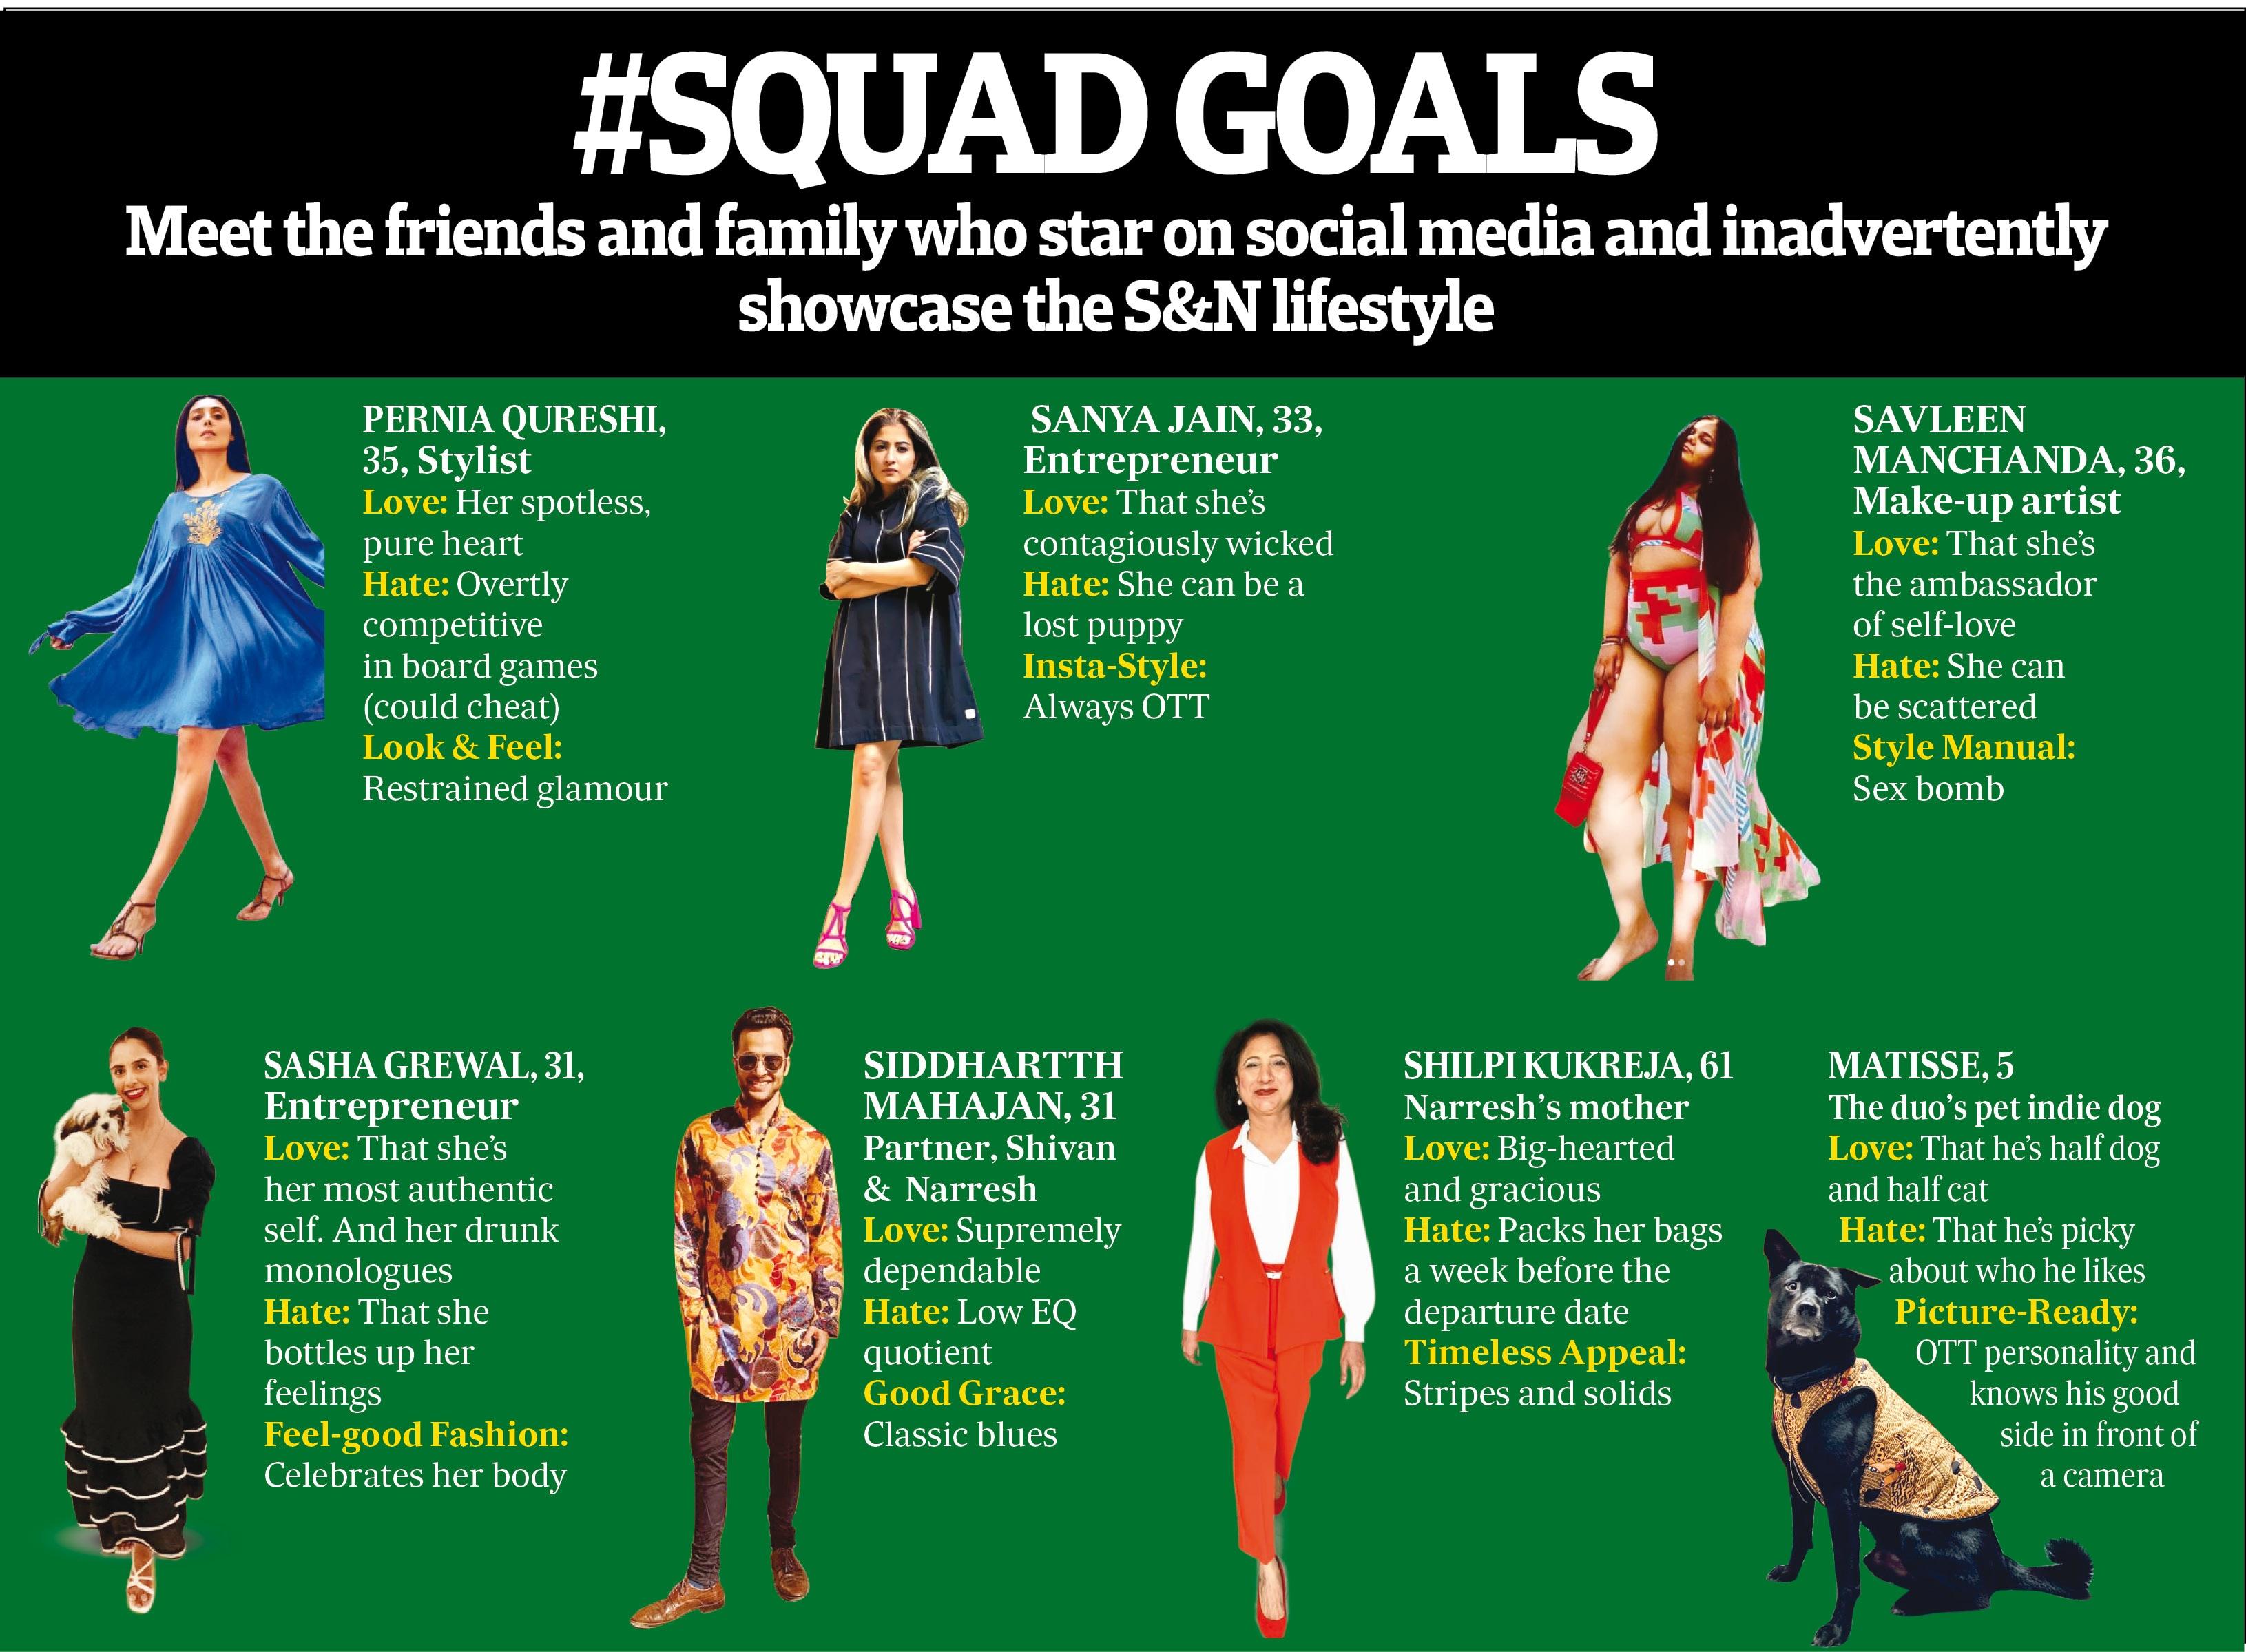 Meet Shivan & Narresh's squad